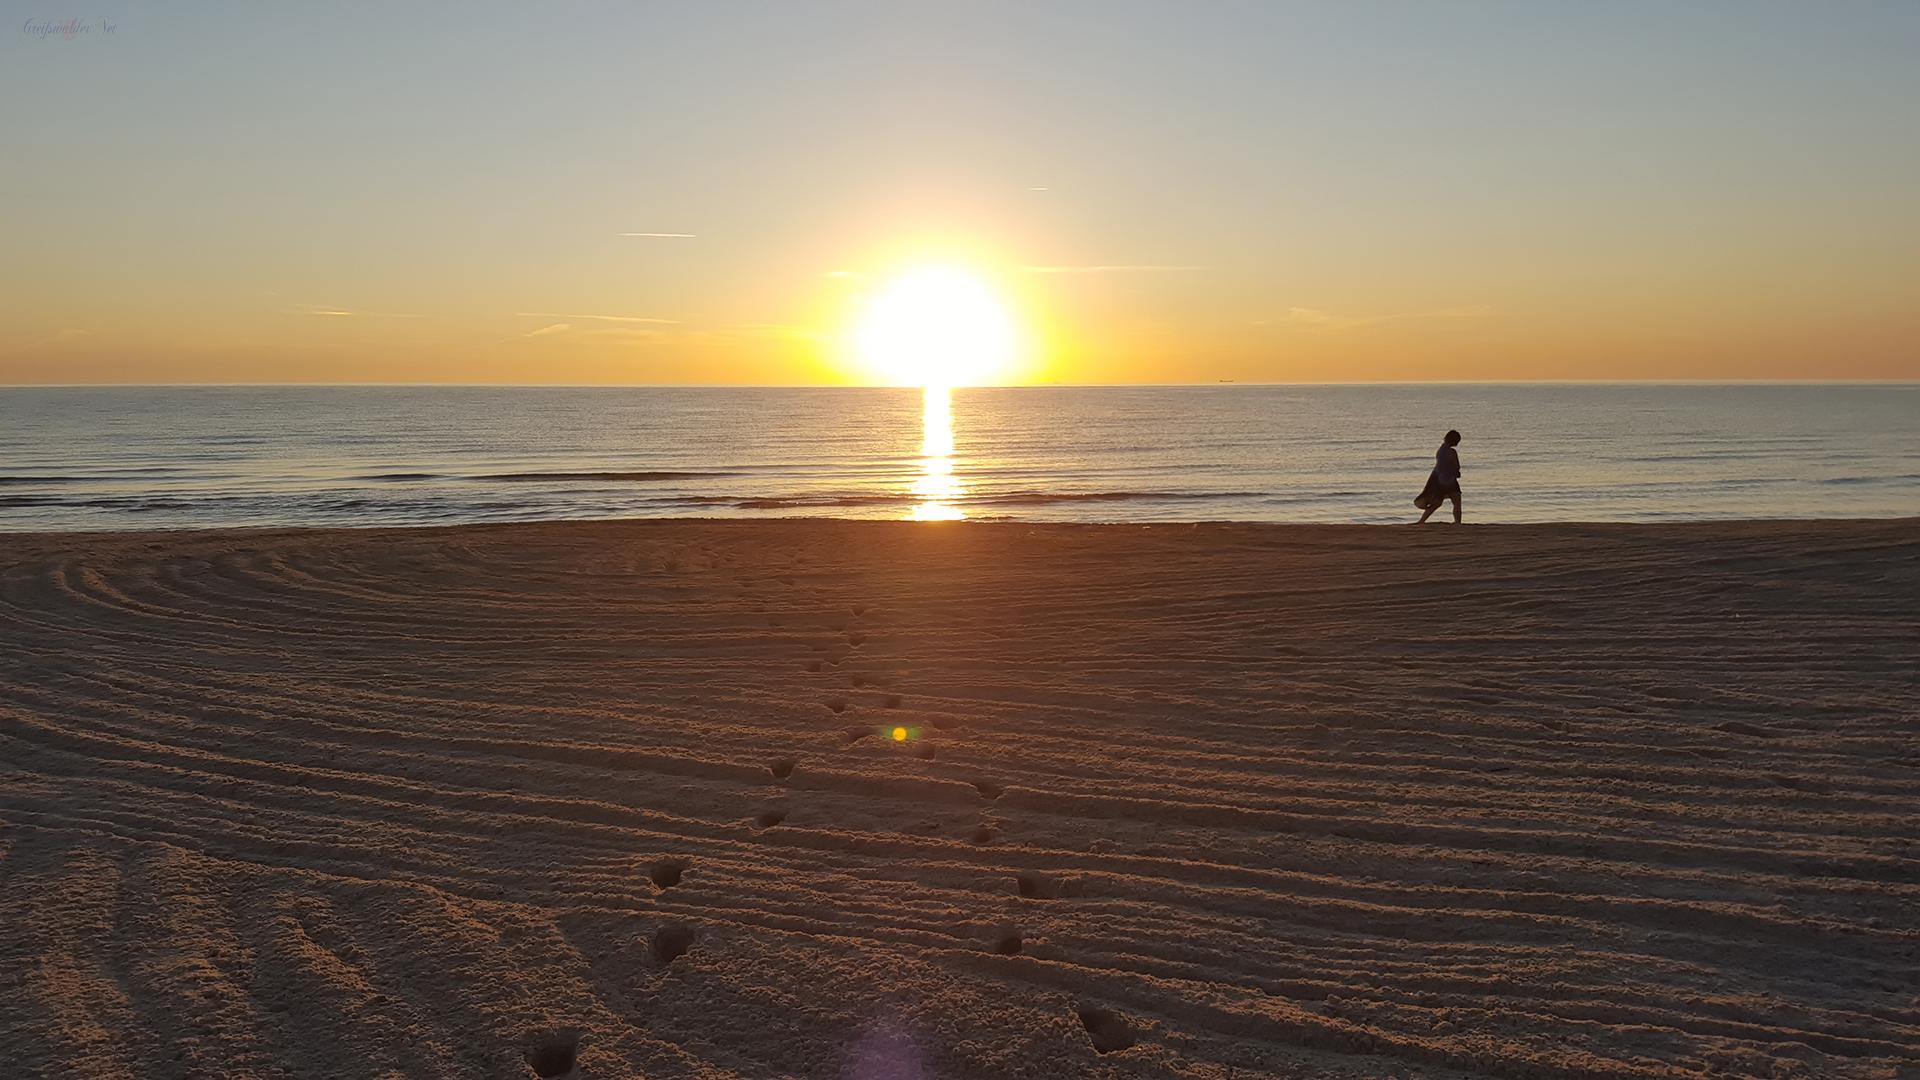 Strandspaziergang bei Sonnenaufgang an der Ostsee